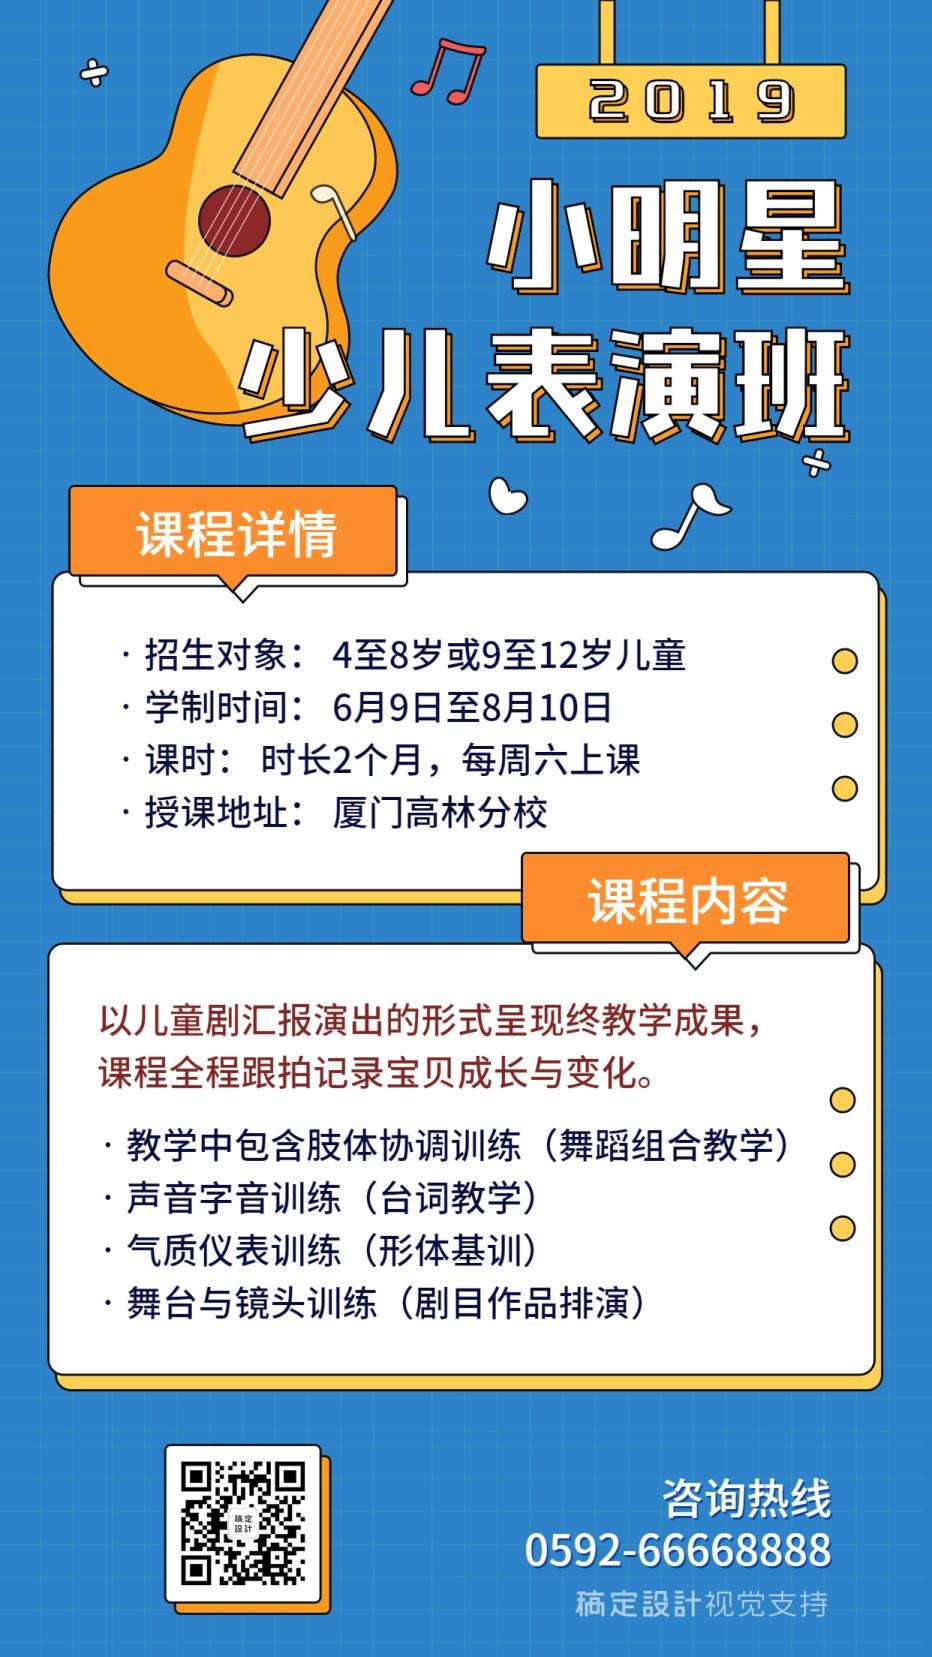 少儿表演班/课程招生/手机海报